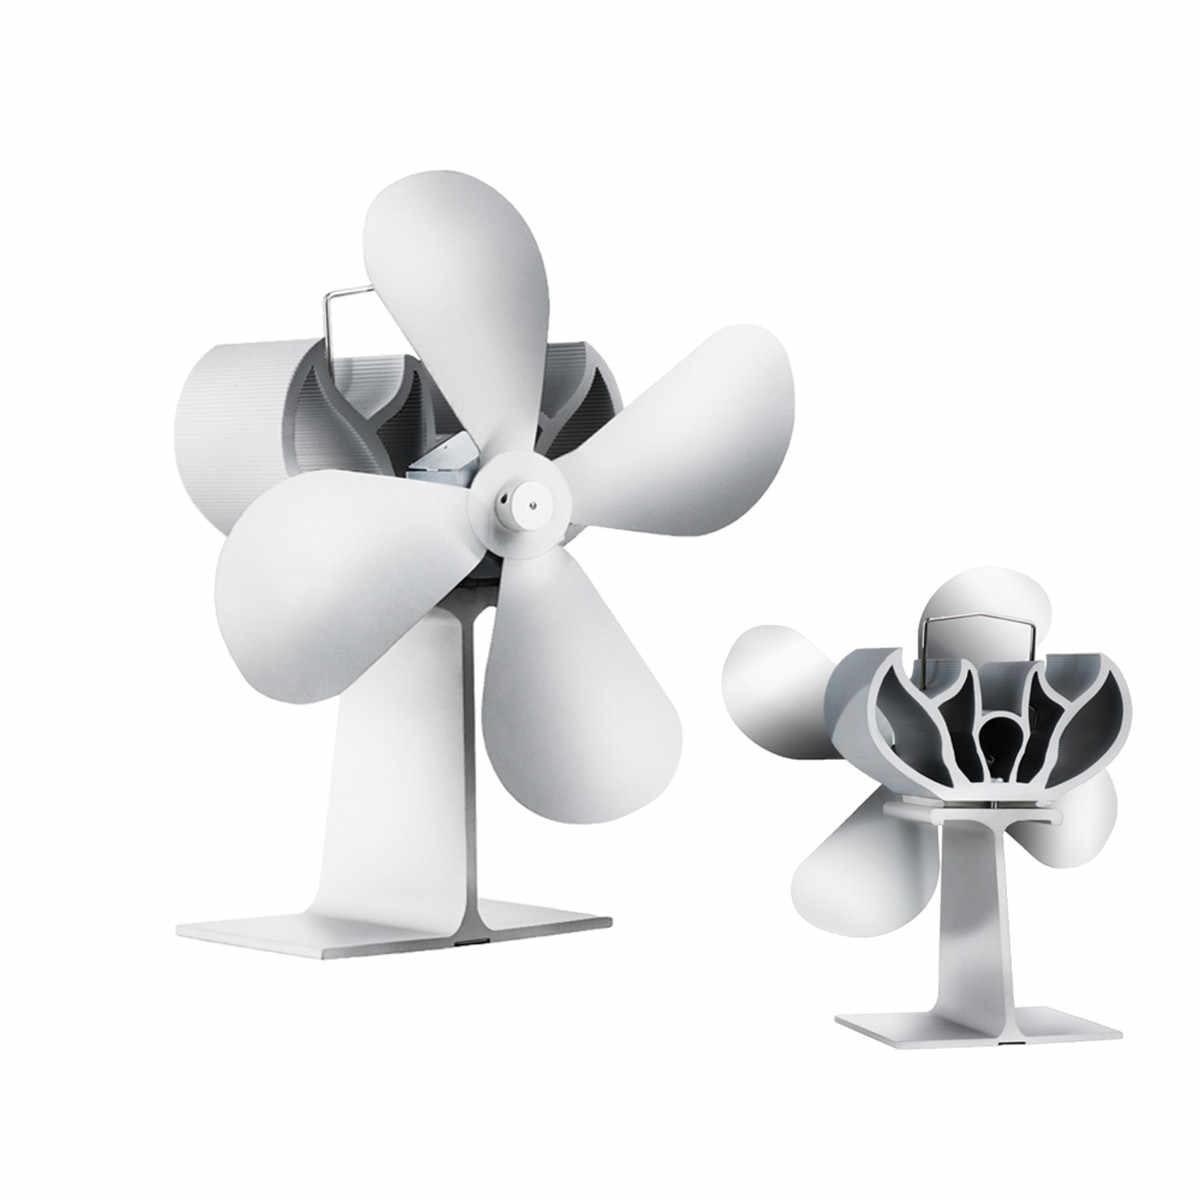 Белый вентилятор печки 4 лезвия Вентилятор для камина с тепловым питанием komin деревянная горелка эко бесшумный вентилятор эффективное распределение тепла 203CFM 1000 об/мин